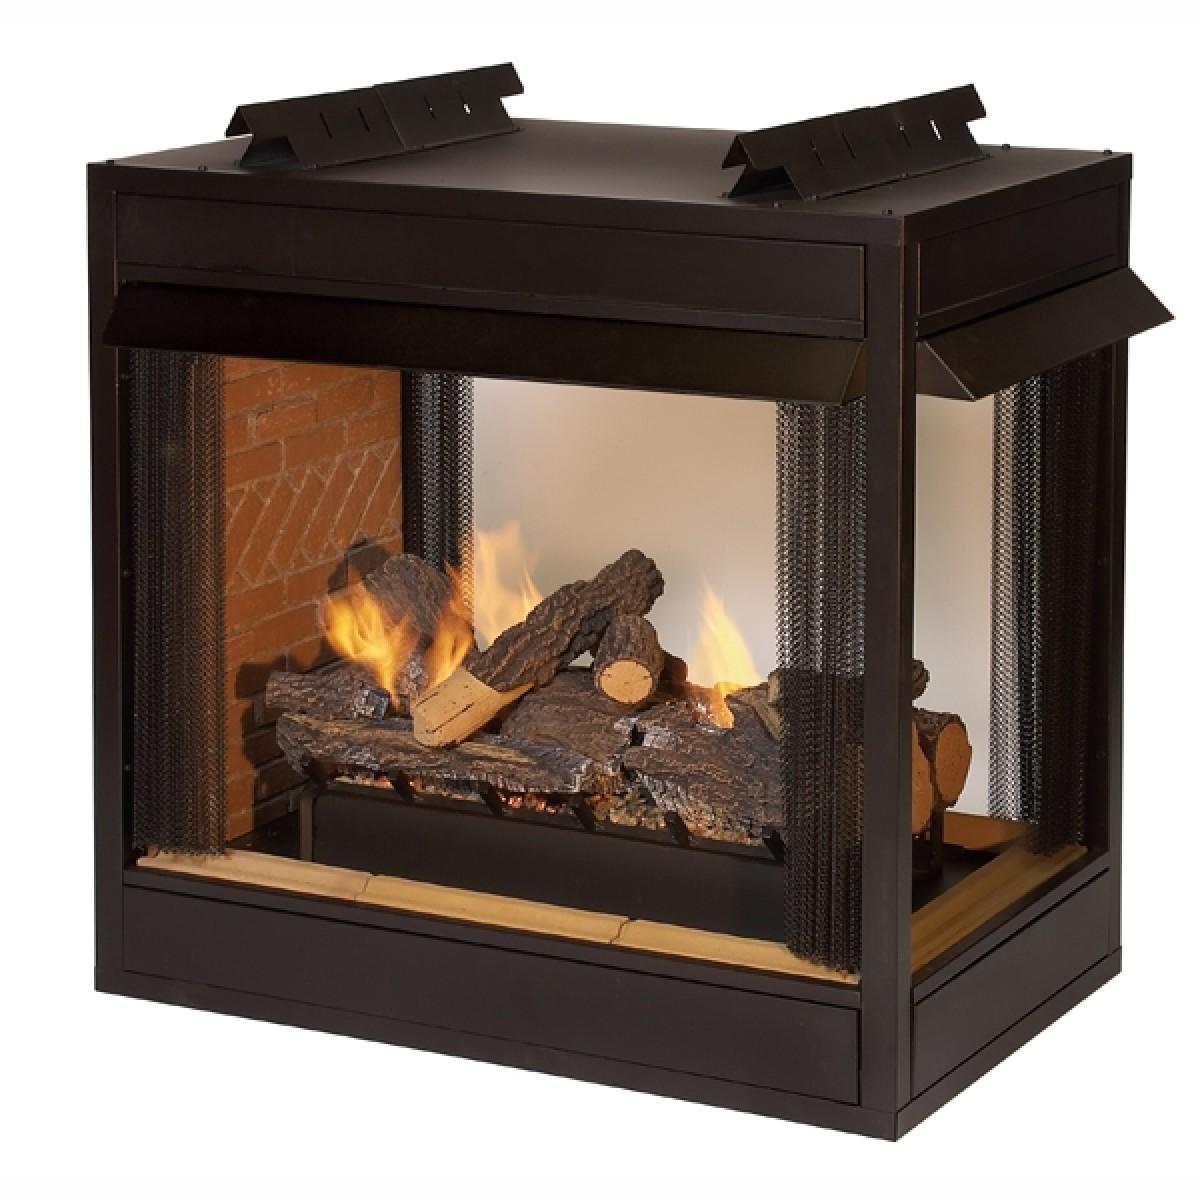 Empire Vfp36pb2el Premium Vf 36 Quot Peninsula Firebox